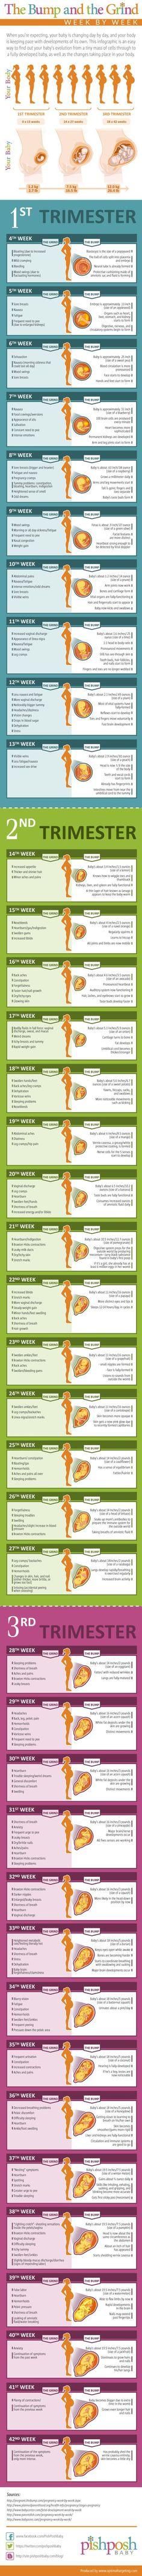 Pregnancy Week by Week Chart                                                                                                                                                                                 More